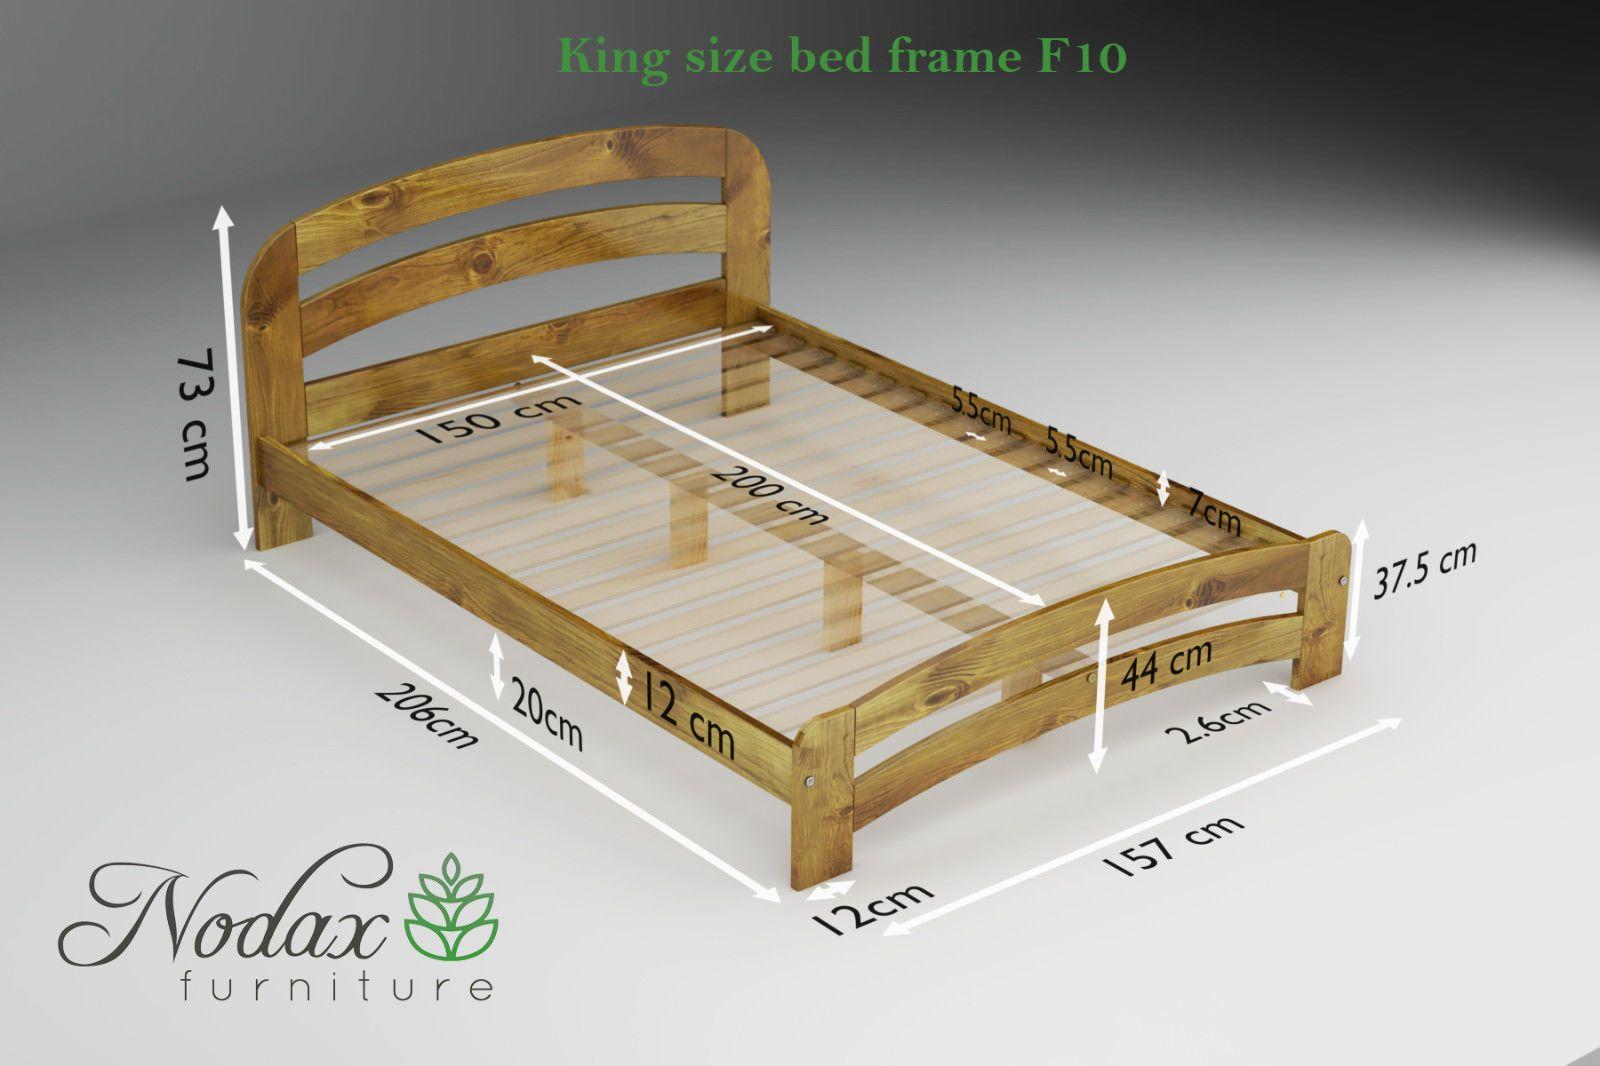 Nodax New Solid Wooden King Size Bedframe F10 Pine Walnut Oak